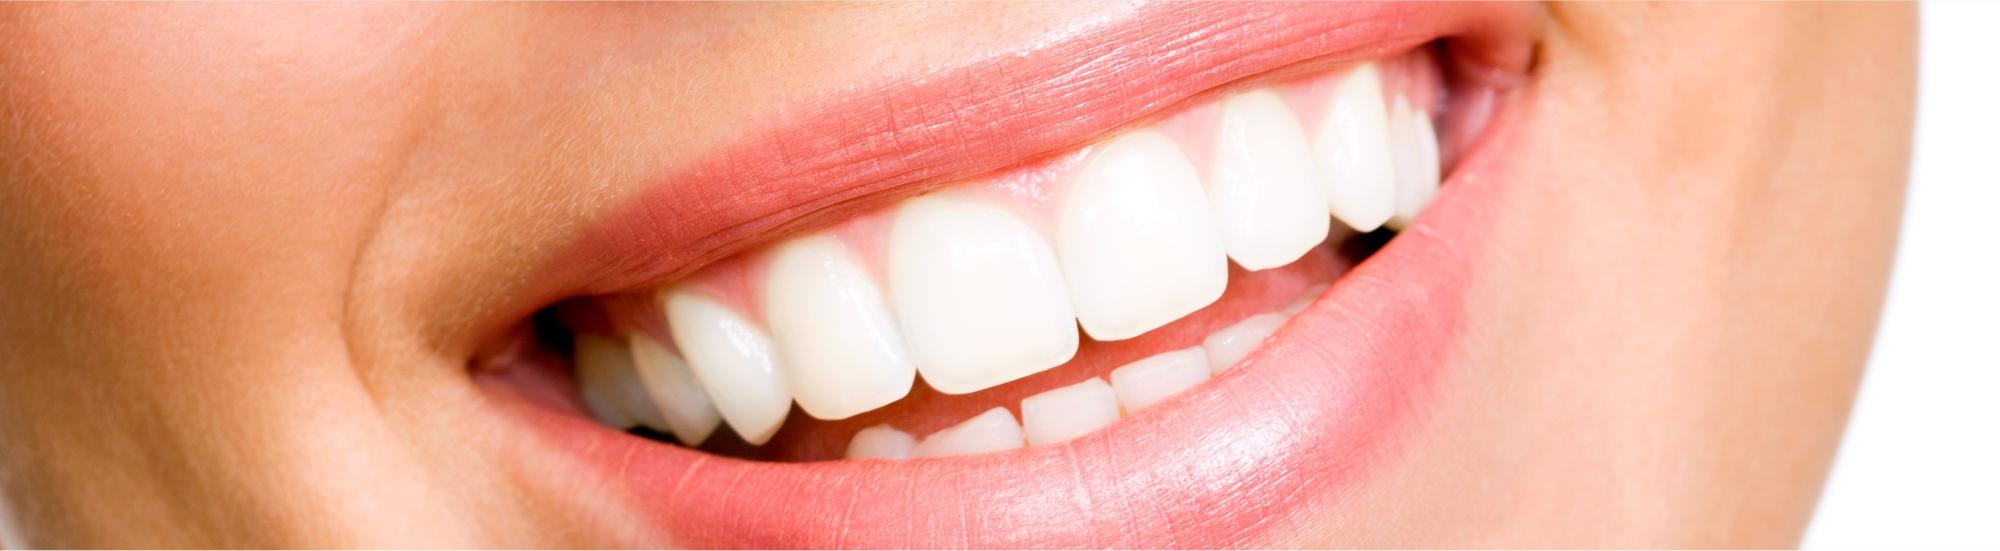 красивые зубы гомель отзывы